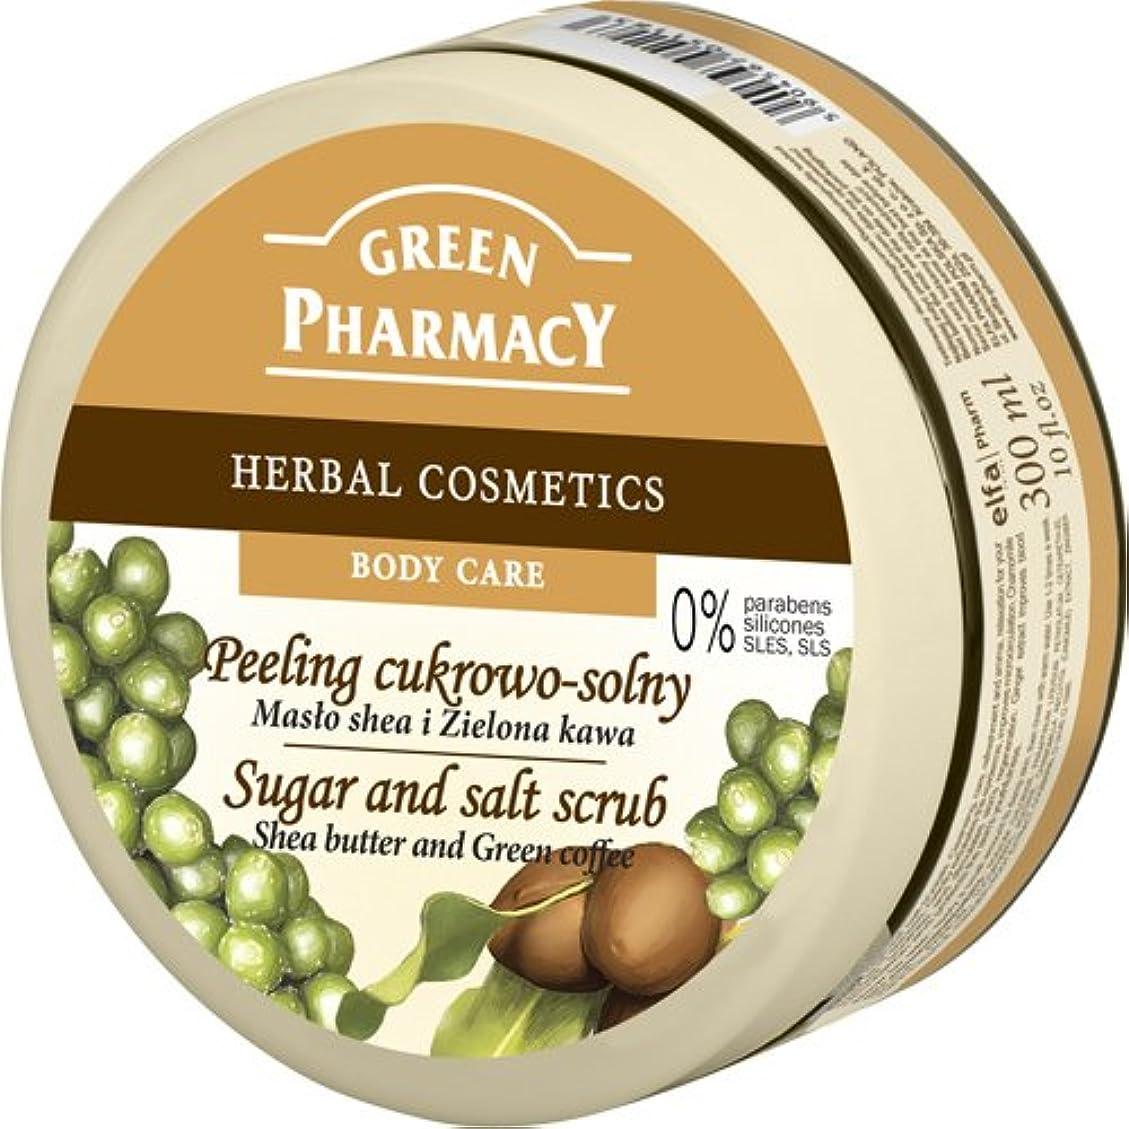 詩鋭く誤解を招くElfa Pharm Green Pharmacy シュガー&ソルトスクラブ Shea Butter and Green Coffee